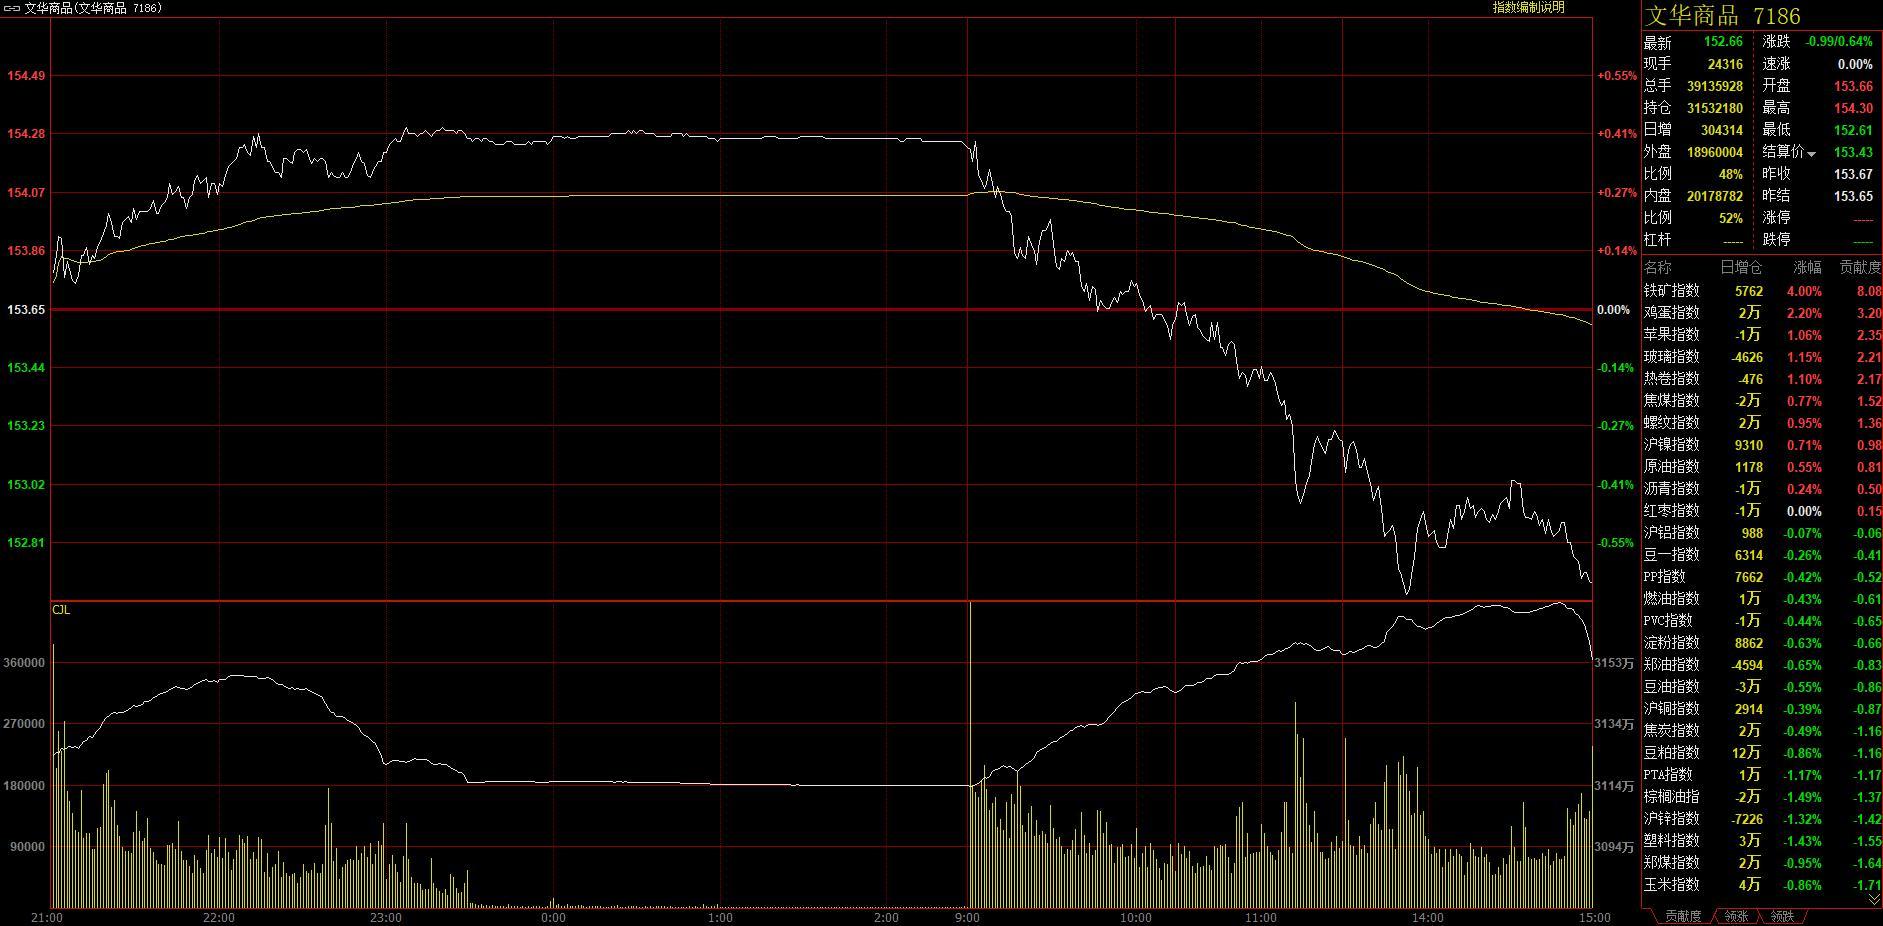 7月9日郑棉、乙二醇跌停 铁矿石一度涨超6%